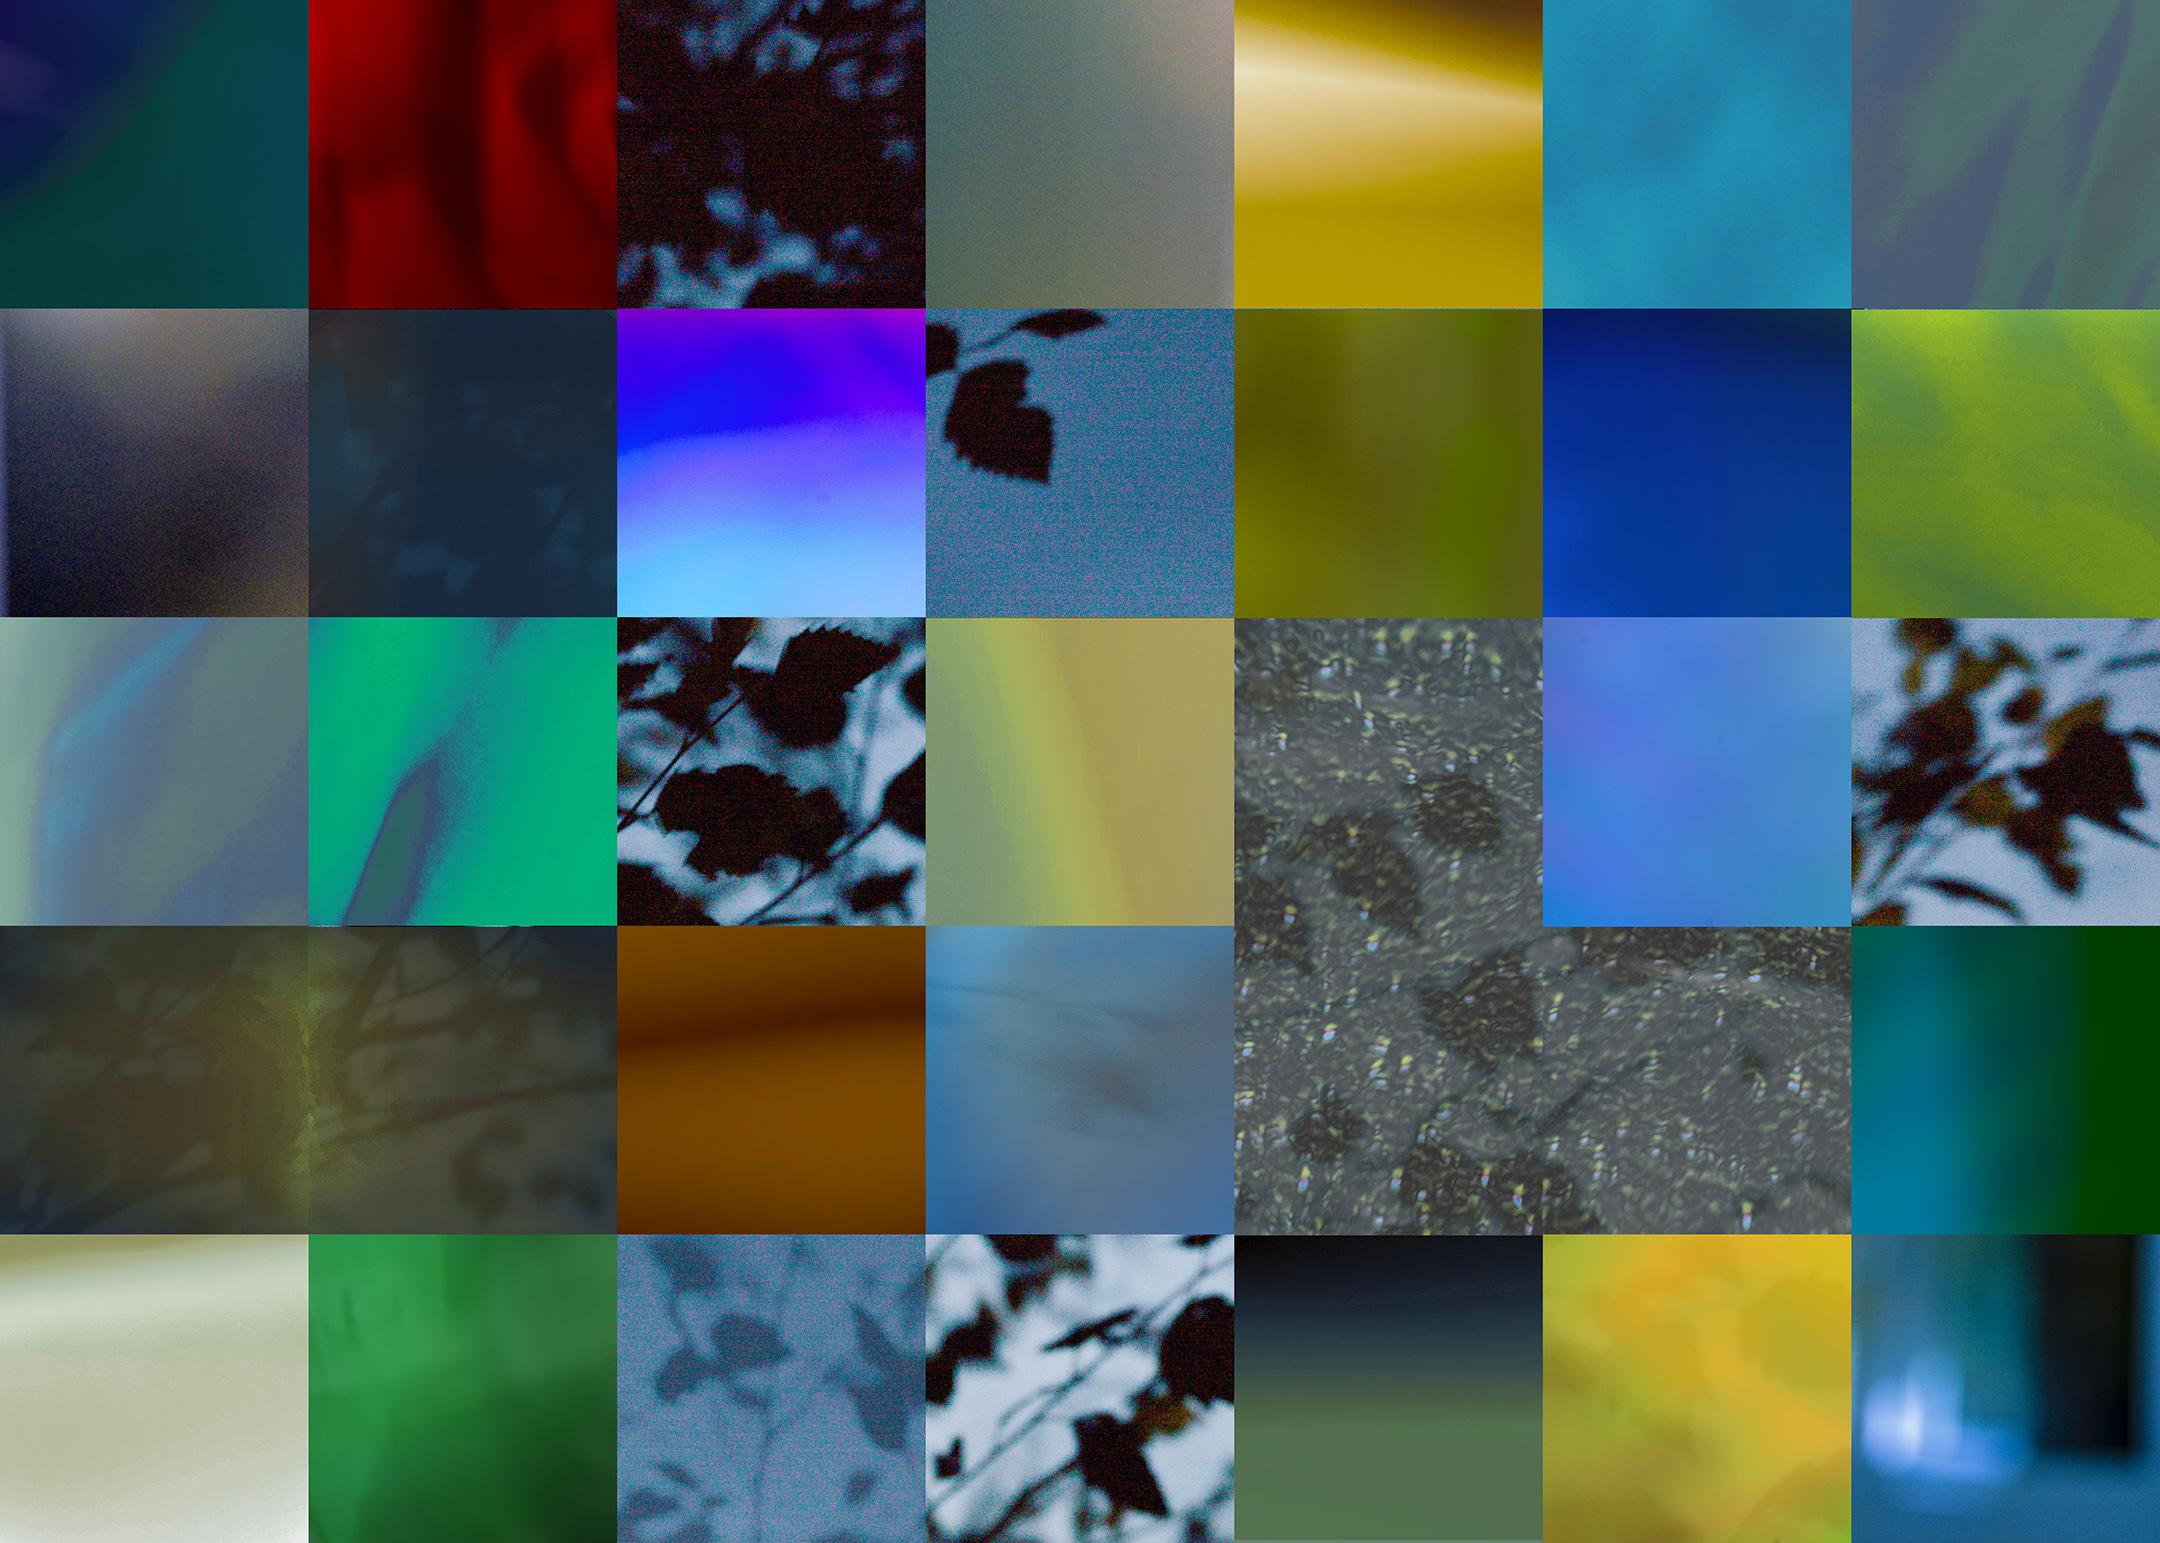 Prismatics 2: Bespeak